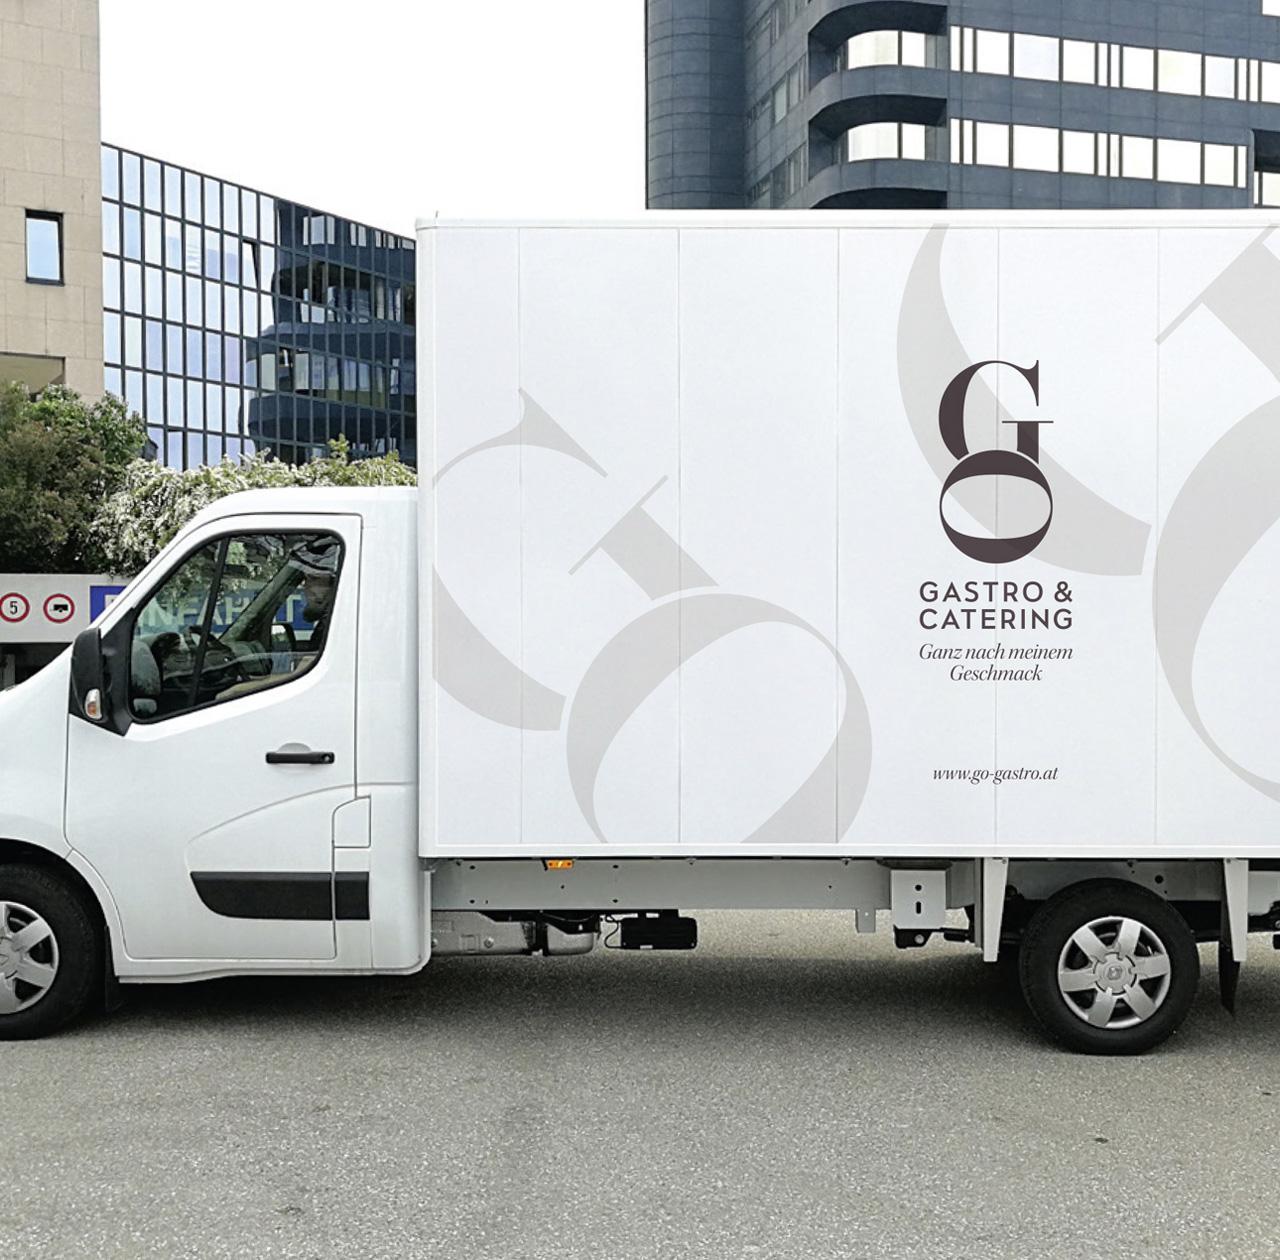 Upart Referenz - Branding für Go Gastro fuhrpark